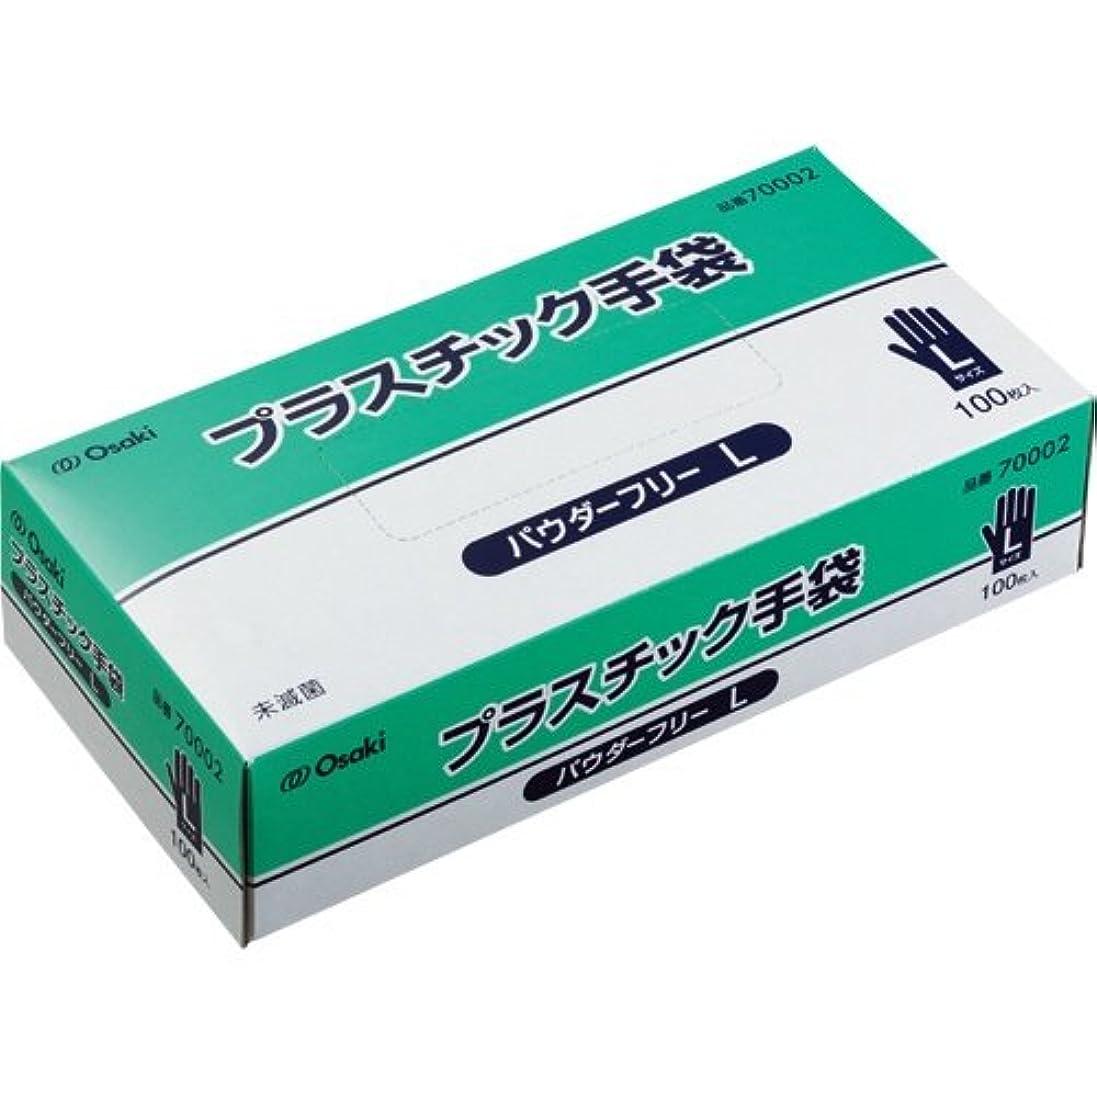 小売パイ代わりにを立てるオオサキメディカル オオサキプラスチック手袋 パウダーフリー L 70002 1セット(2000枚:100枚×20箱)